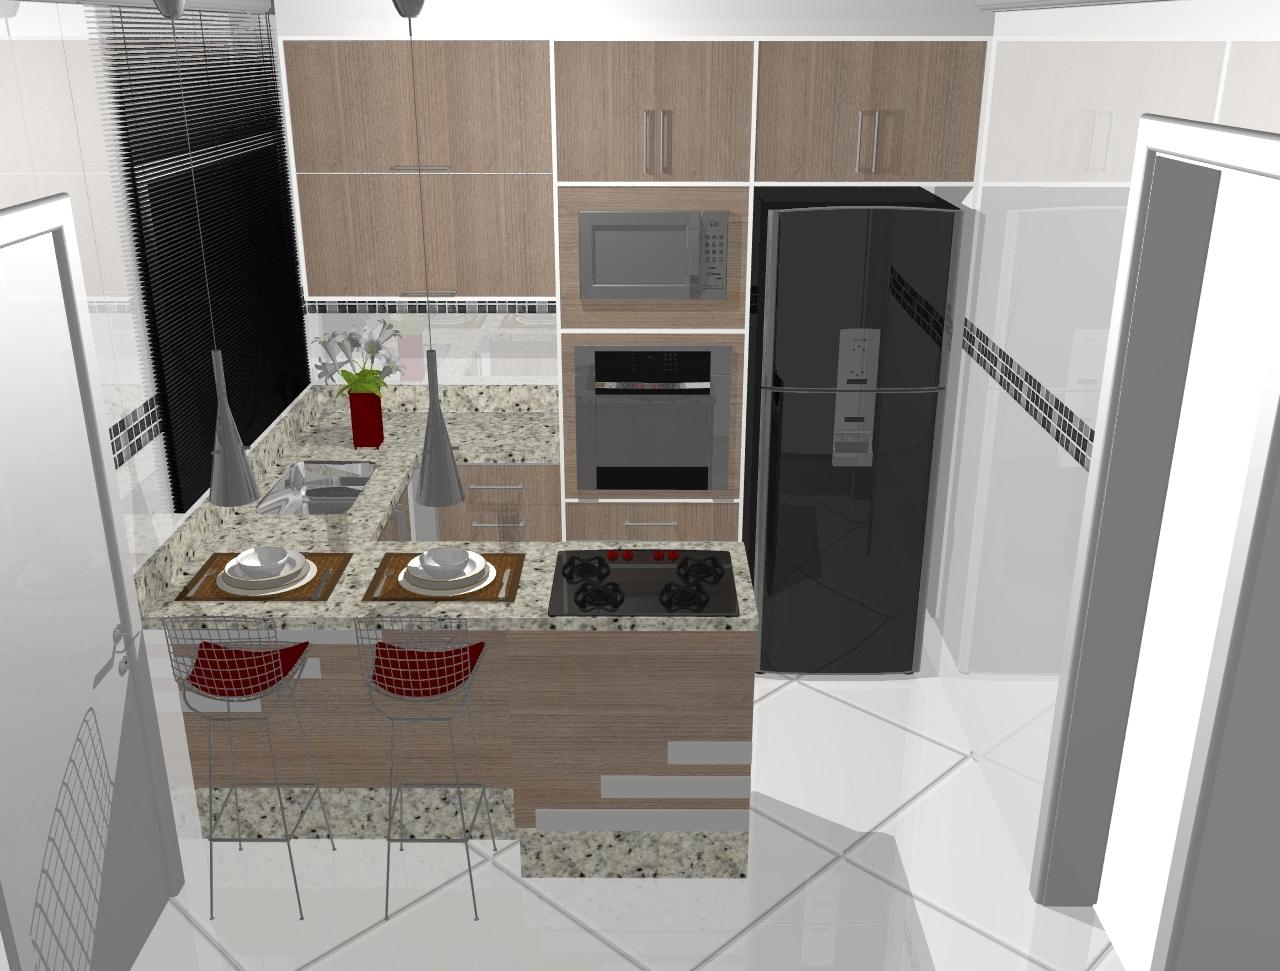 tonalidade da cozinha é linda!!!! Super clean sabe!!! #516327 1280 971